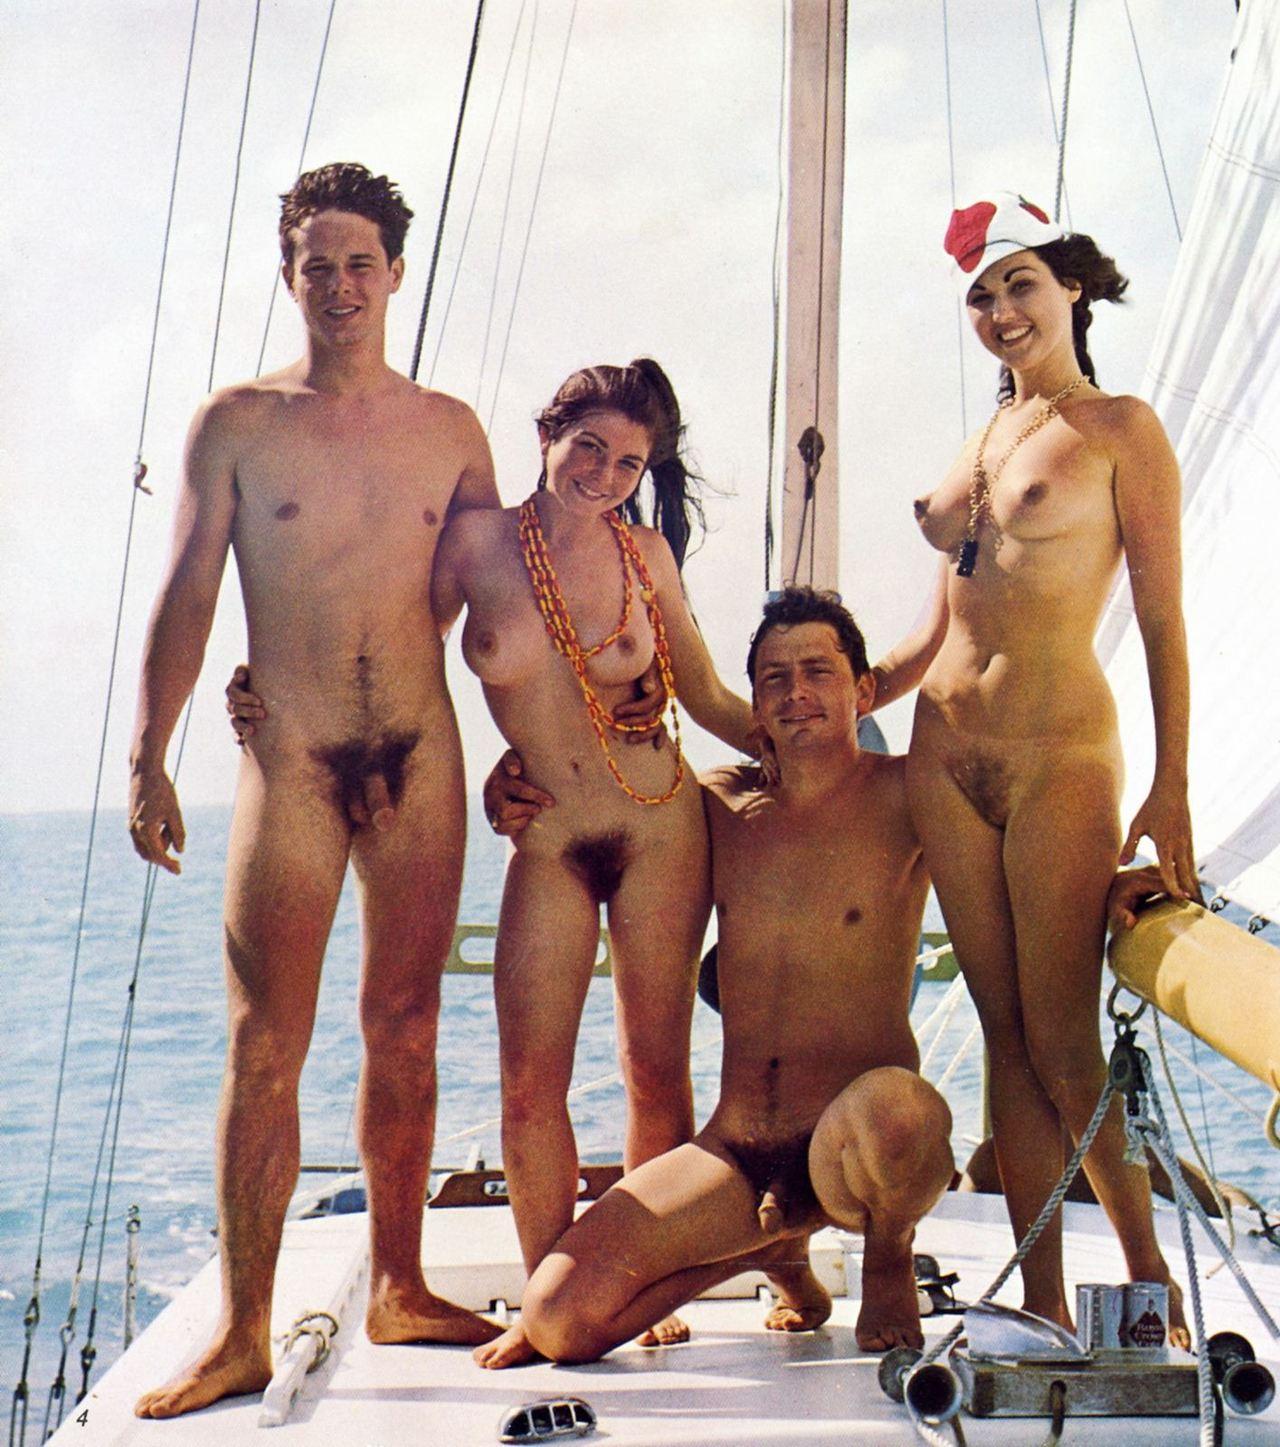 Фото нудистов мужчин вместе с женщинами 21 фотография